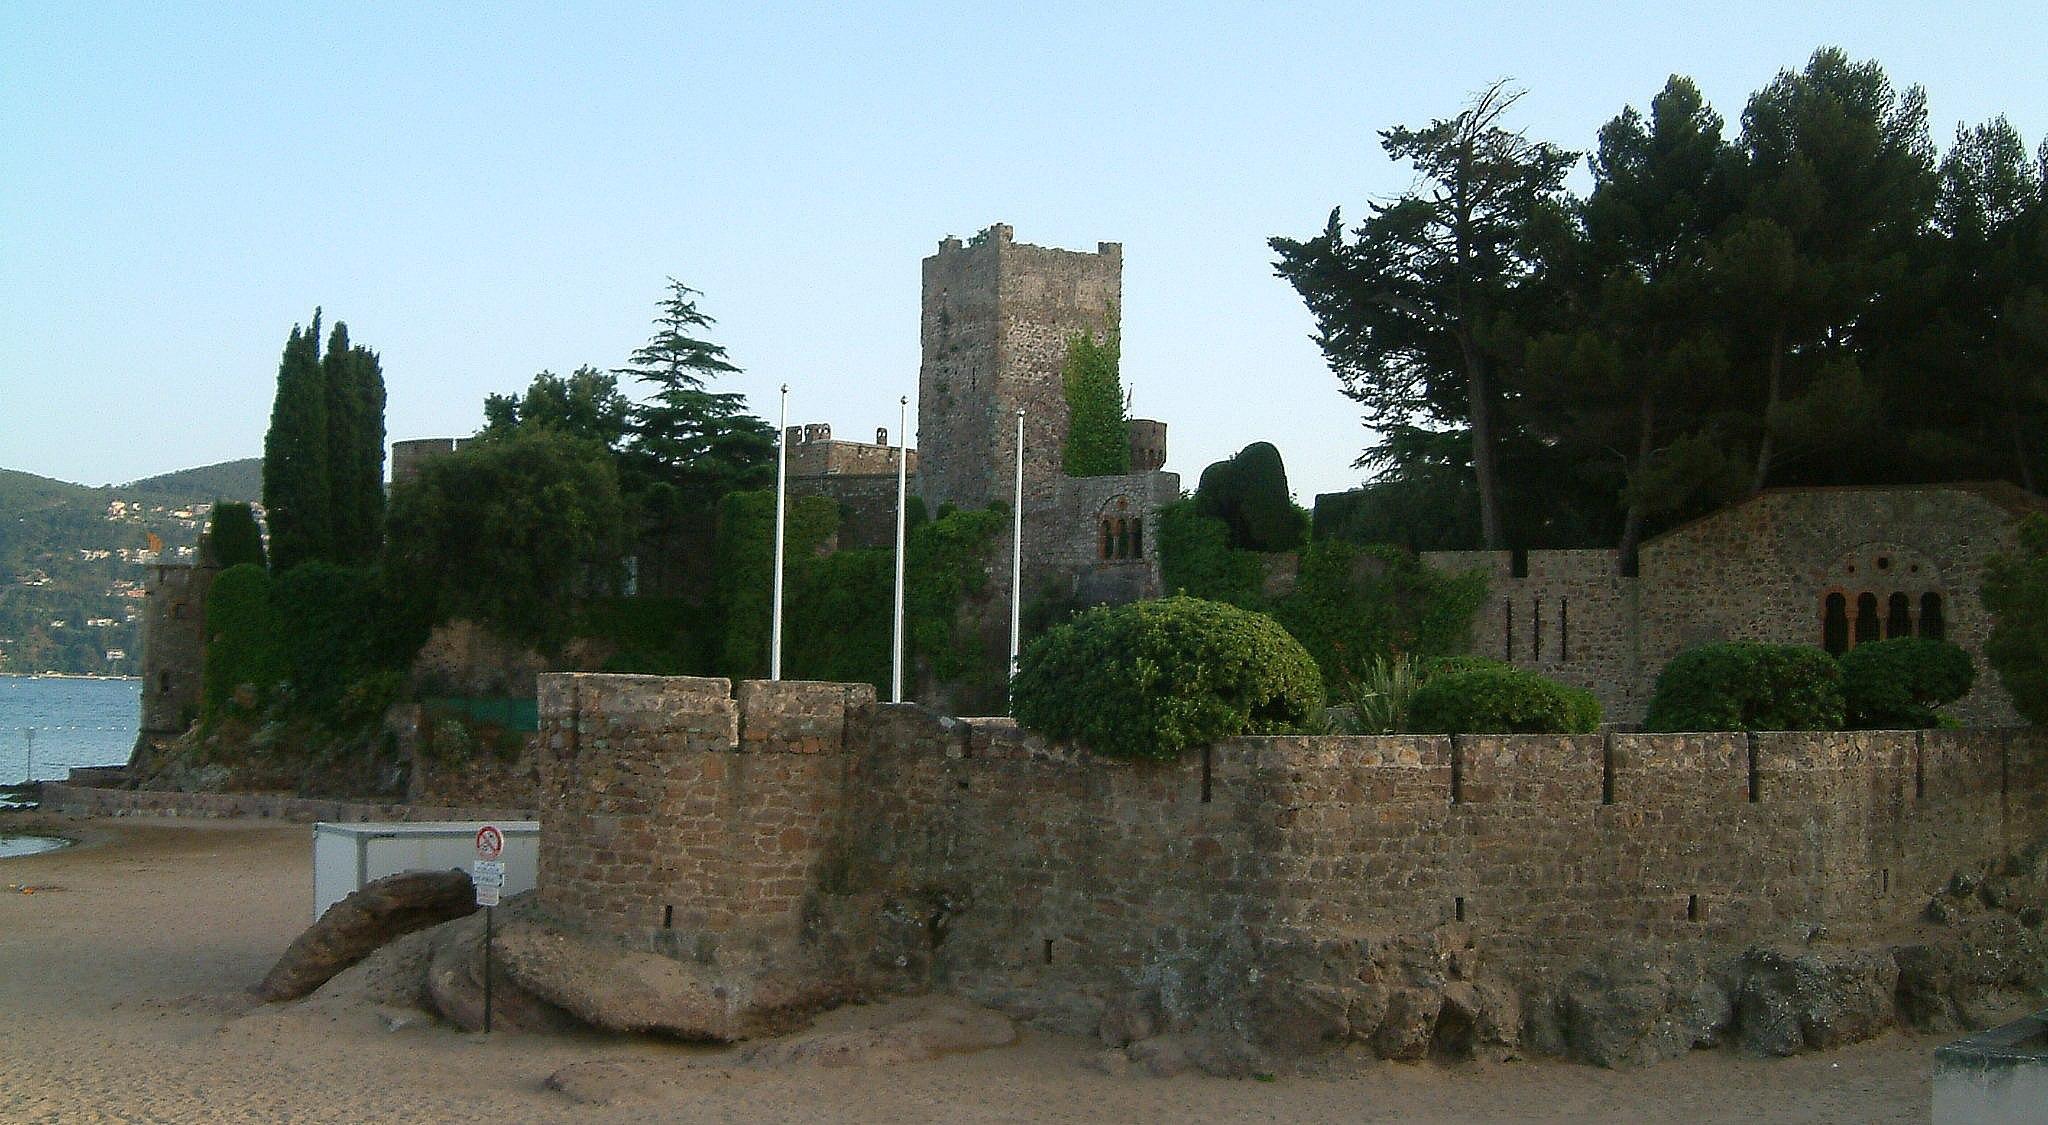 Mandelieu-la-Napoule France  city pictures gallery : ... : Castle in the resort of Mandelieu la Napoule, France 2048x1125